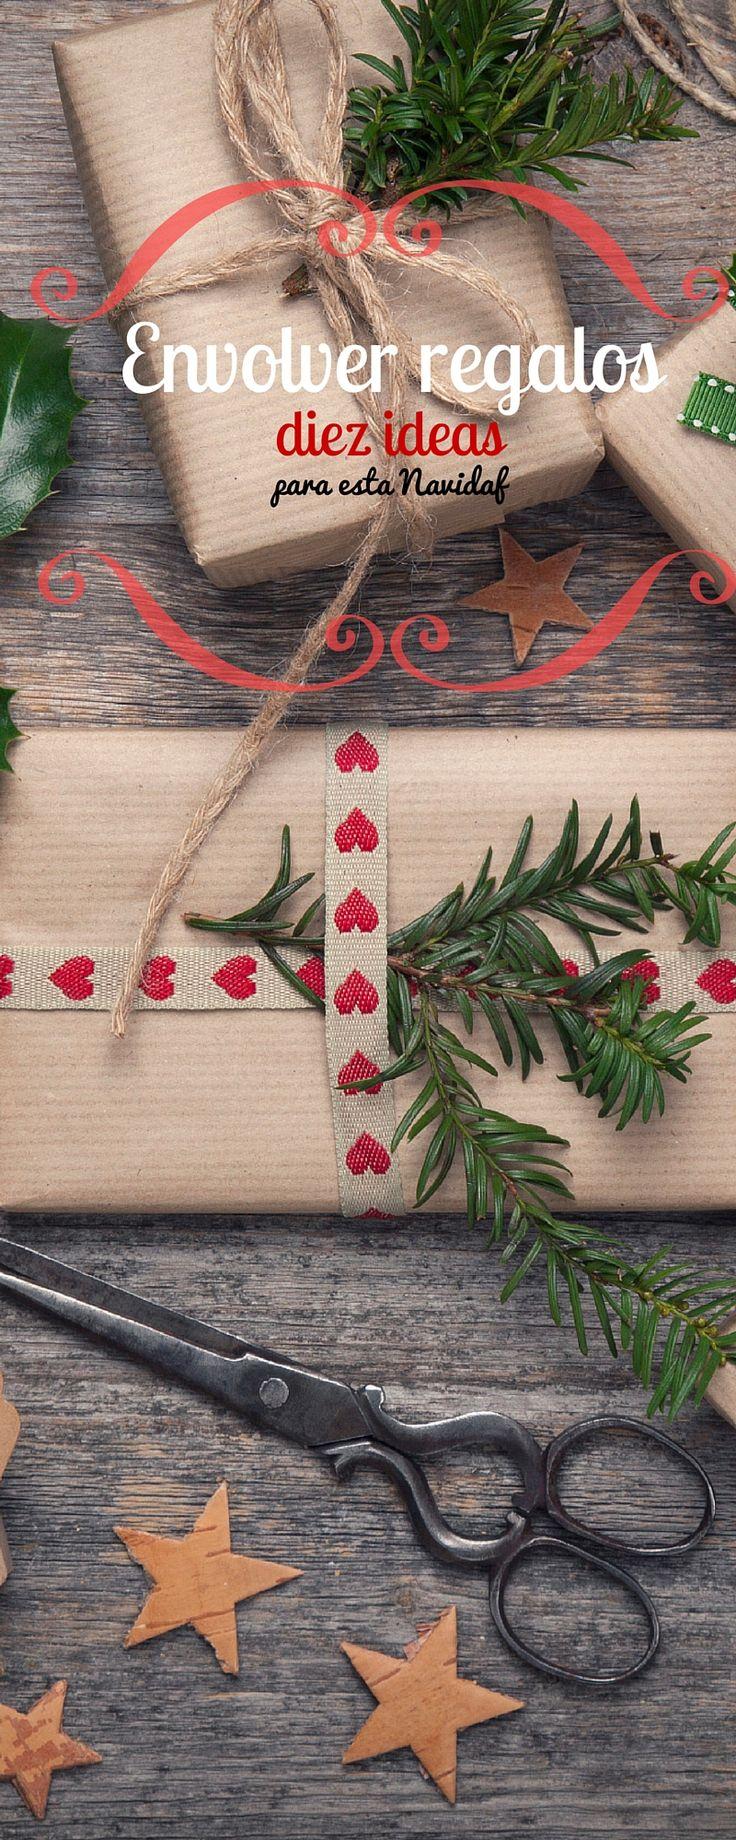 Diez ideas para inspirarte y envolver regalos de forma original esta Navidad